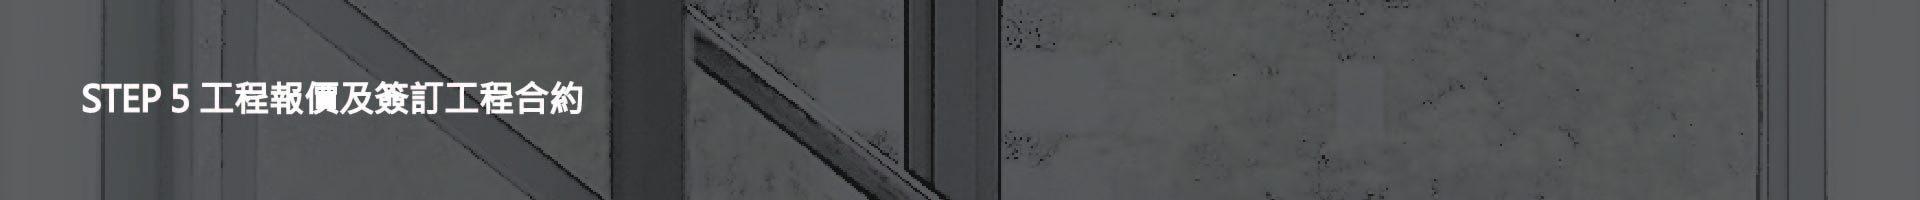 衍項服務流程-05